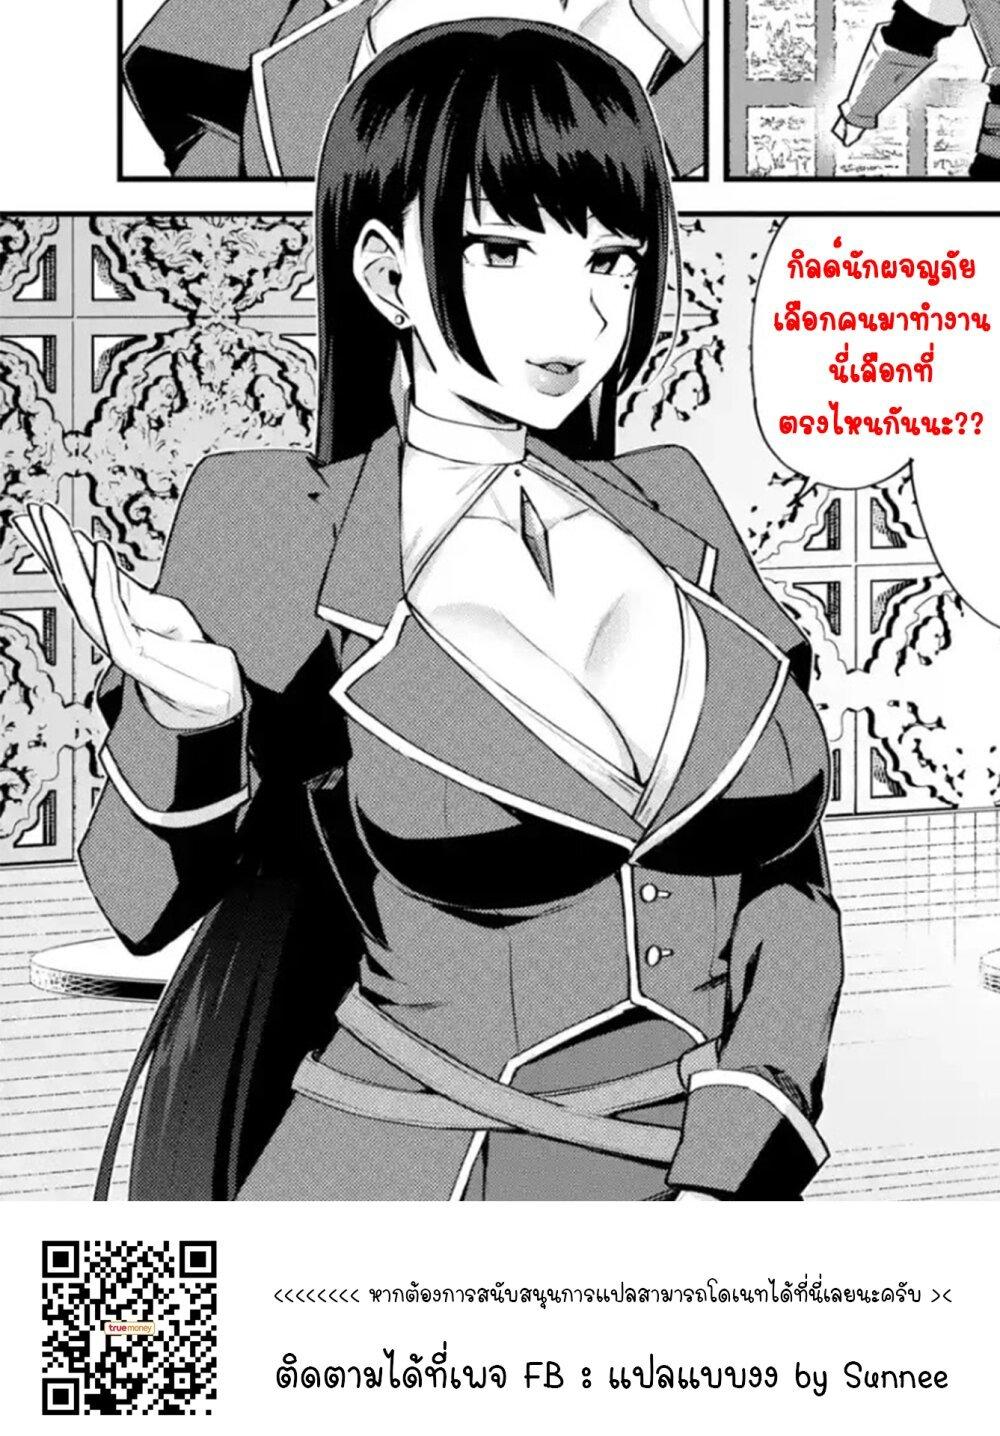 อ่านการ์ตูน Nido Tensei Shita Shounen wa S Rank Boukensha Toshite Heion ni Sugosu-zense ga kenja de eiyuu datta boku wa raisede wa jimini ikiru ตอนที่ 16 หน้าที่ 35